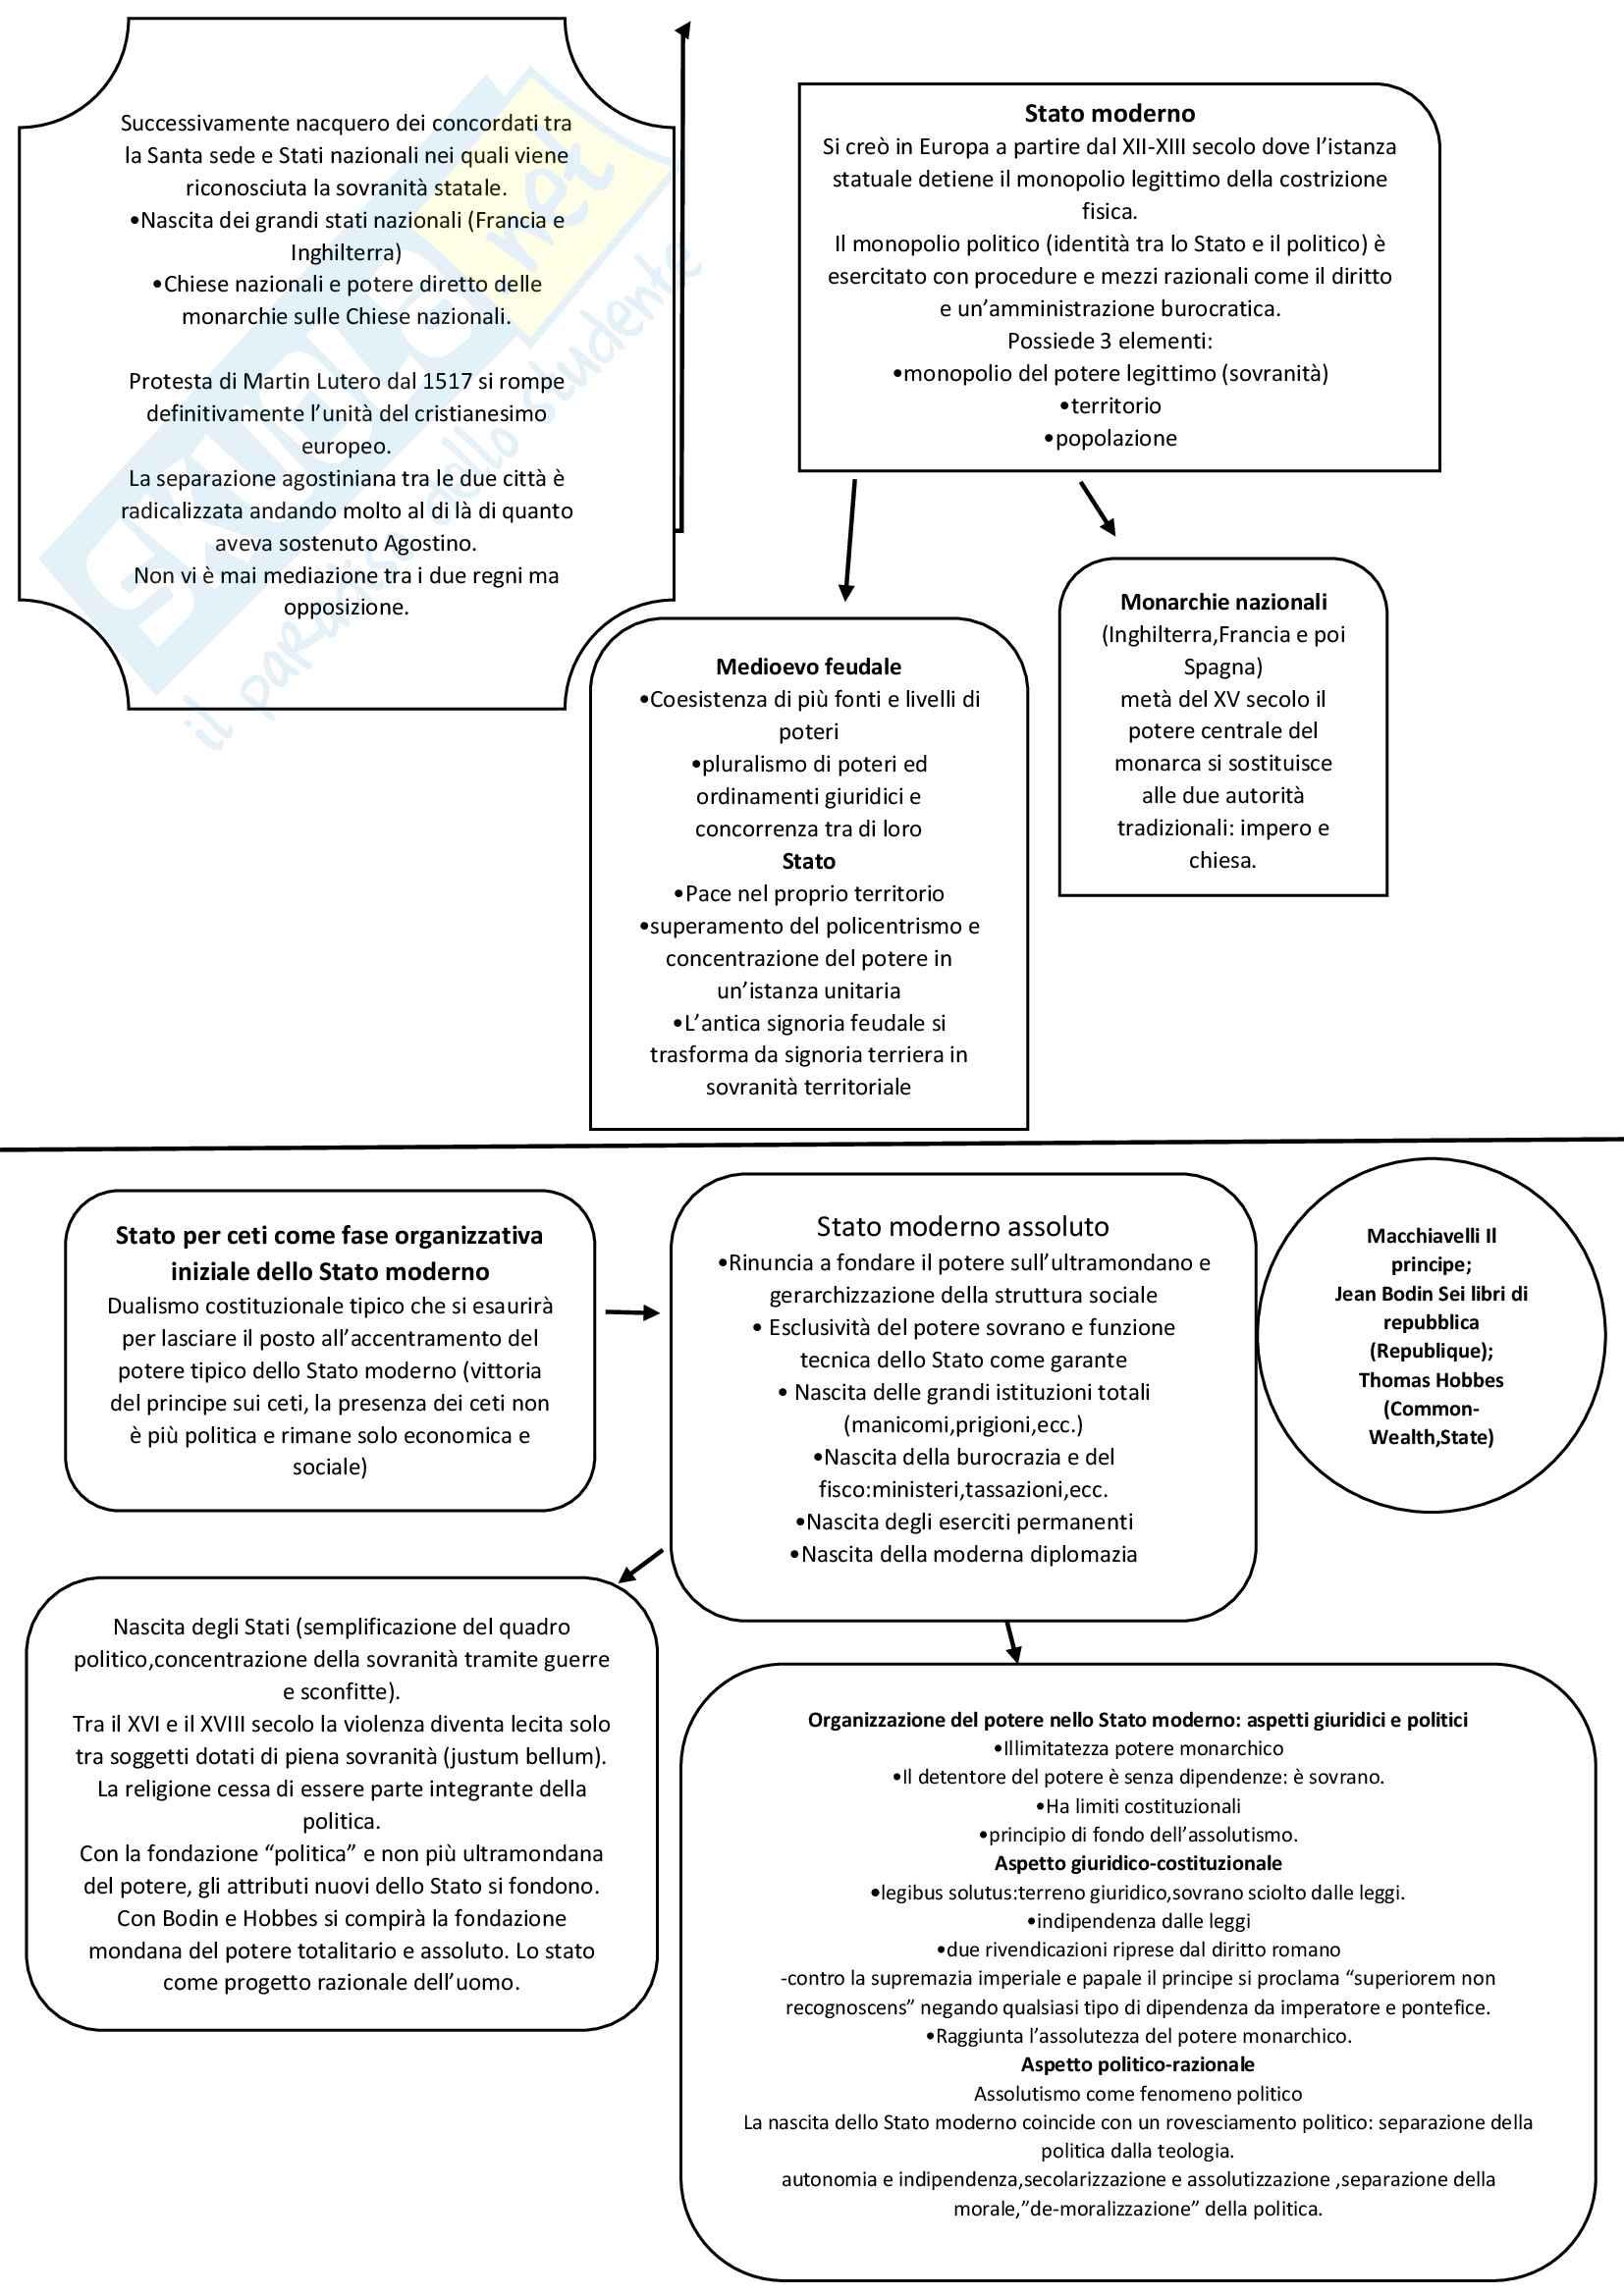 Filosofia Politica, mappa riassuntiva Pag. 6